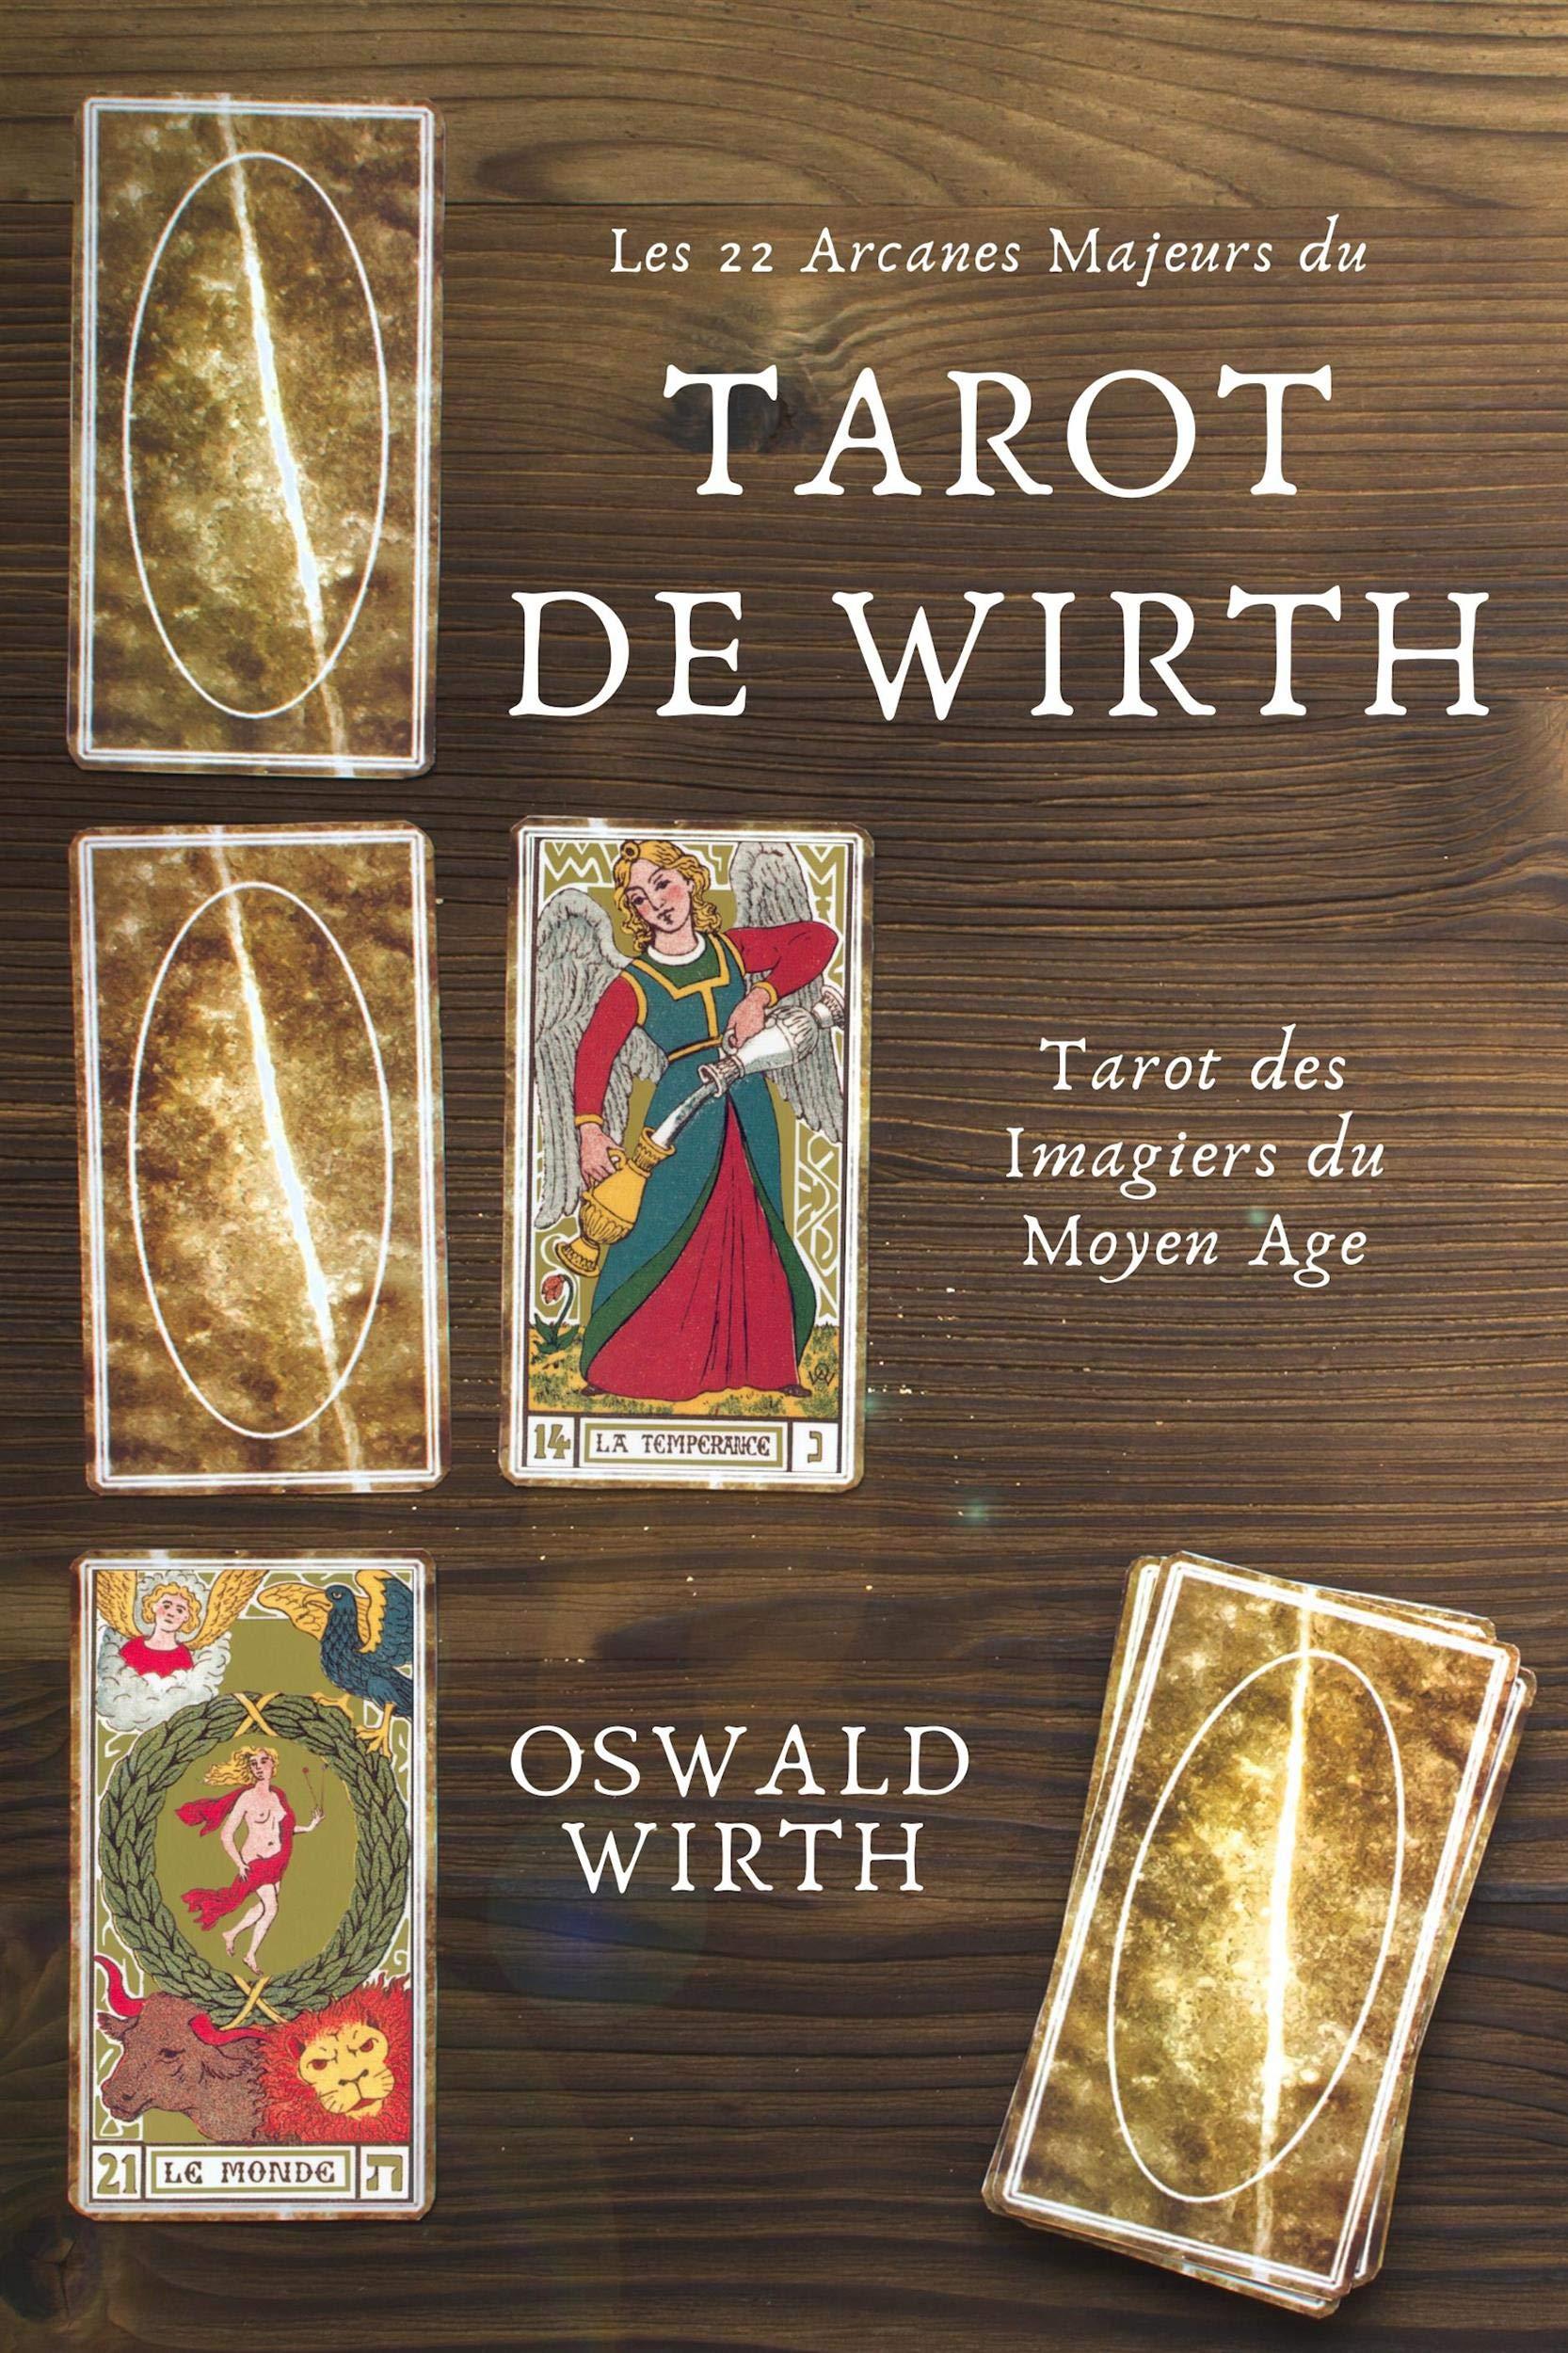 Les 22 Arcanes Majeurs du Tarot de WIRTH: Tarot des Imagiers du Moyen Age par Oswald Wirth